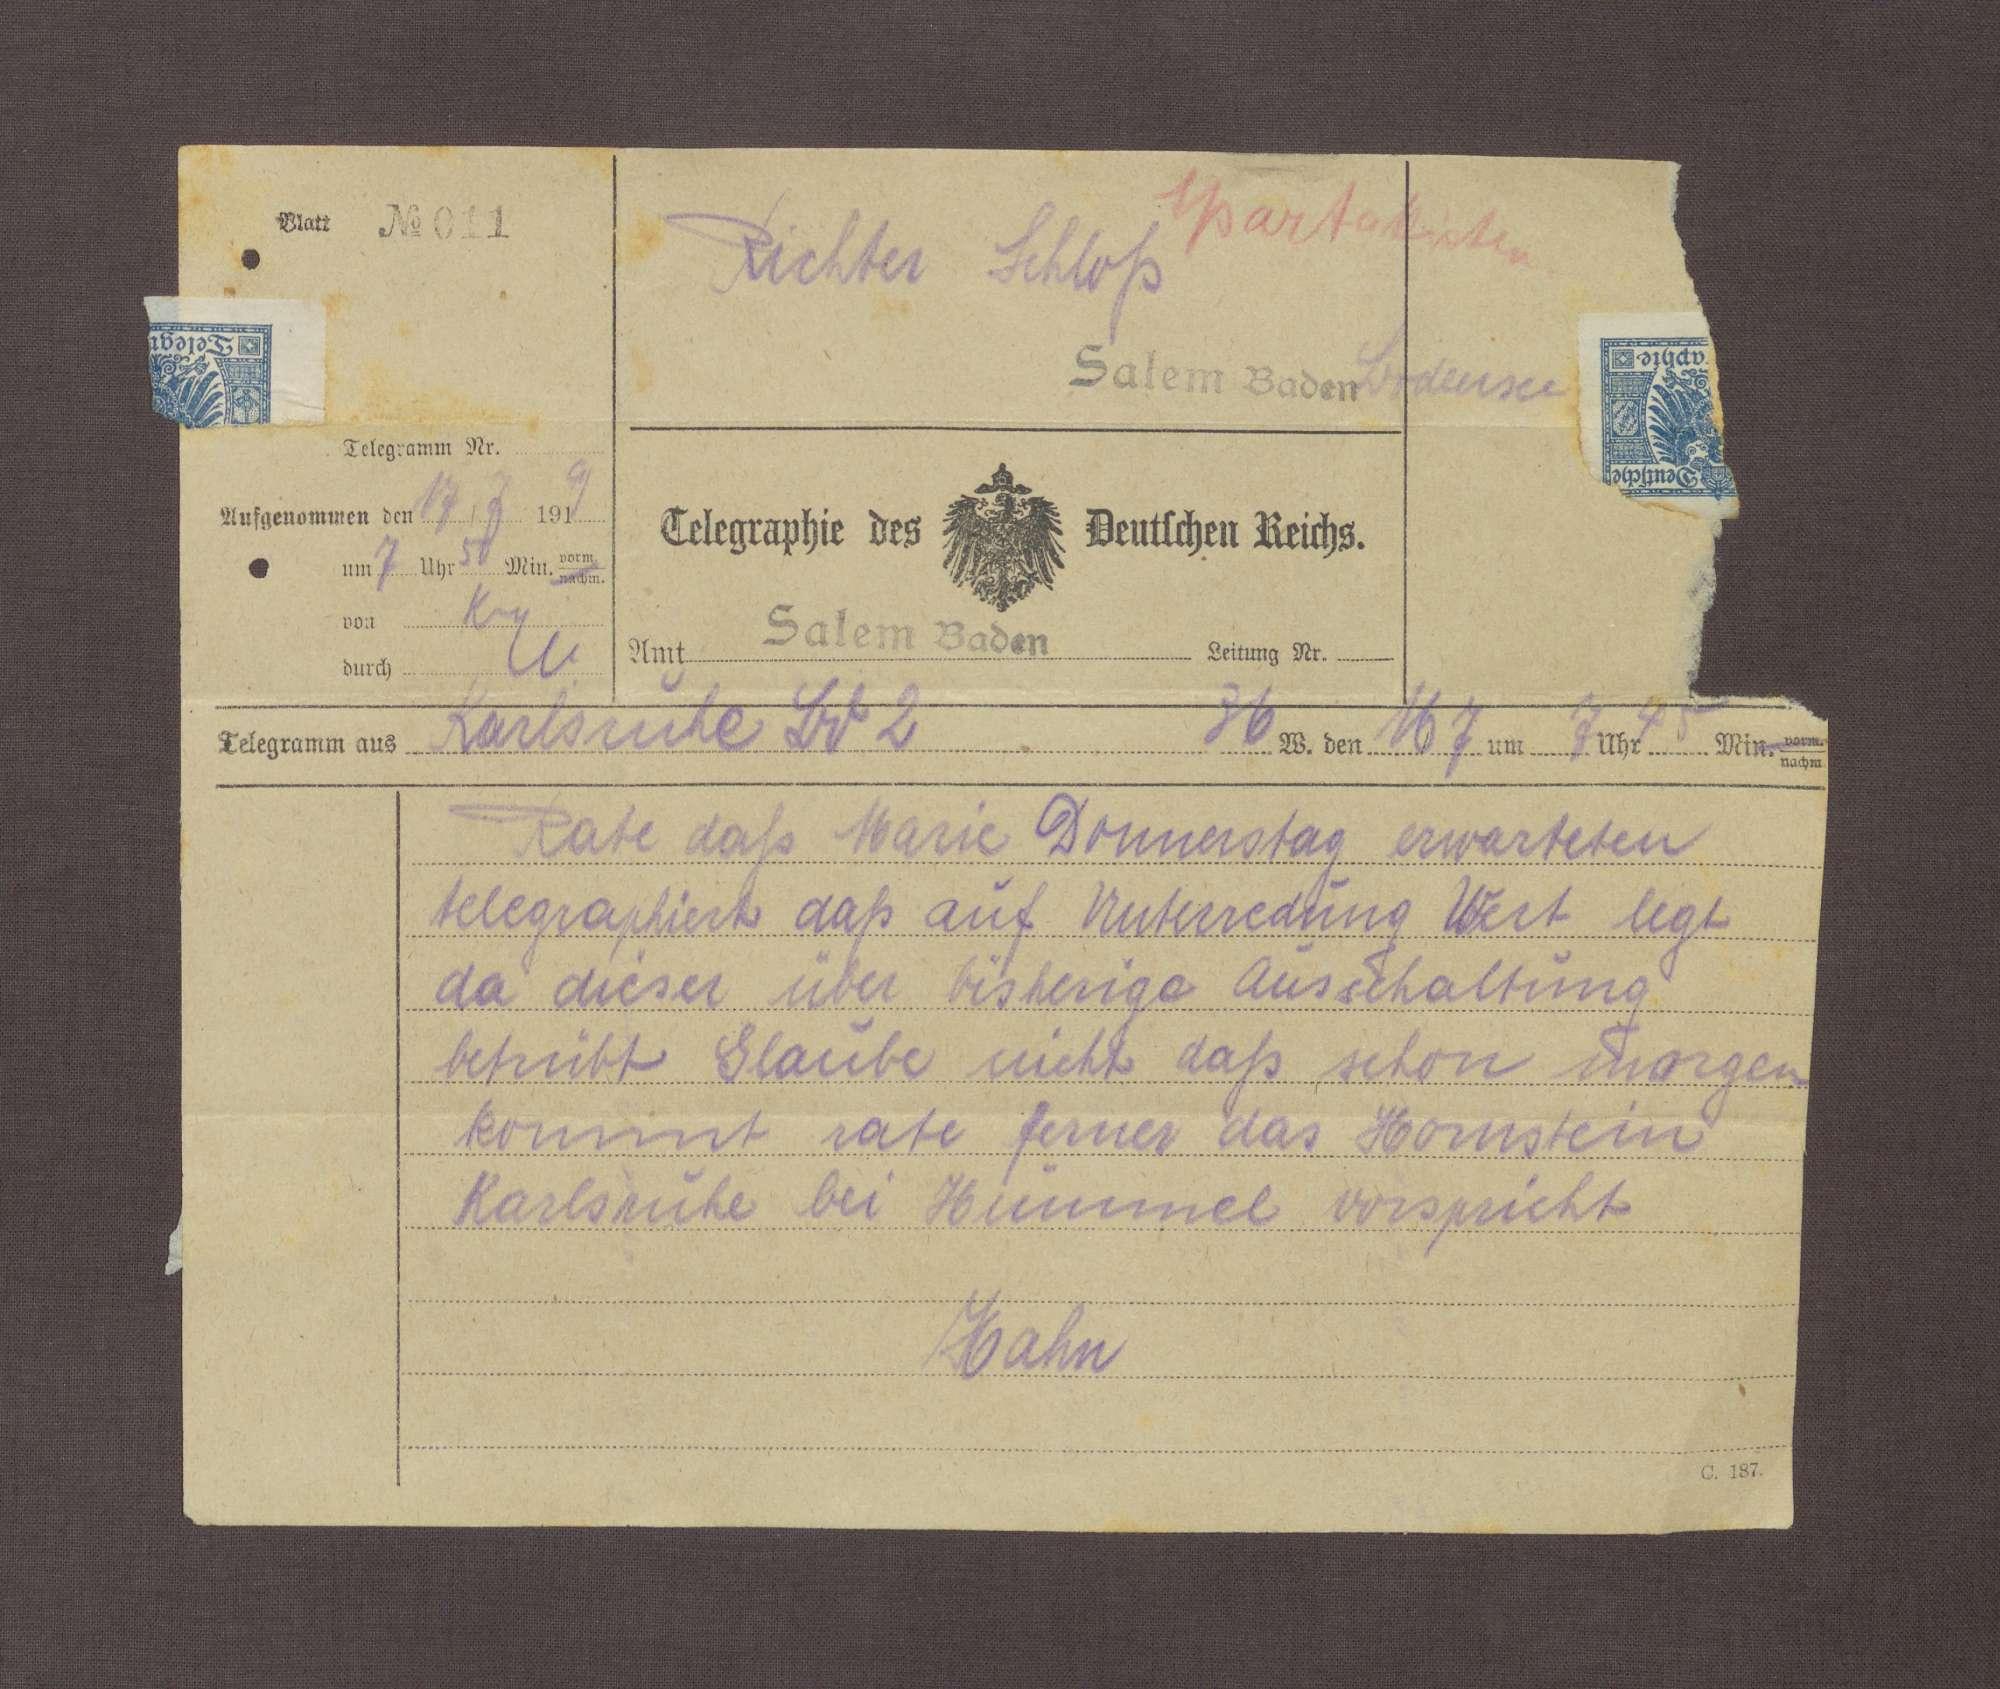 Telegramm von Kurt Hahn; Unterredung zwischen Hermann Hummel und Hauptmann von Hornstein, Bild 1